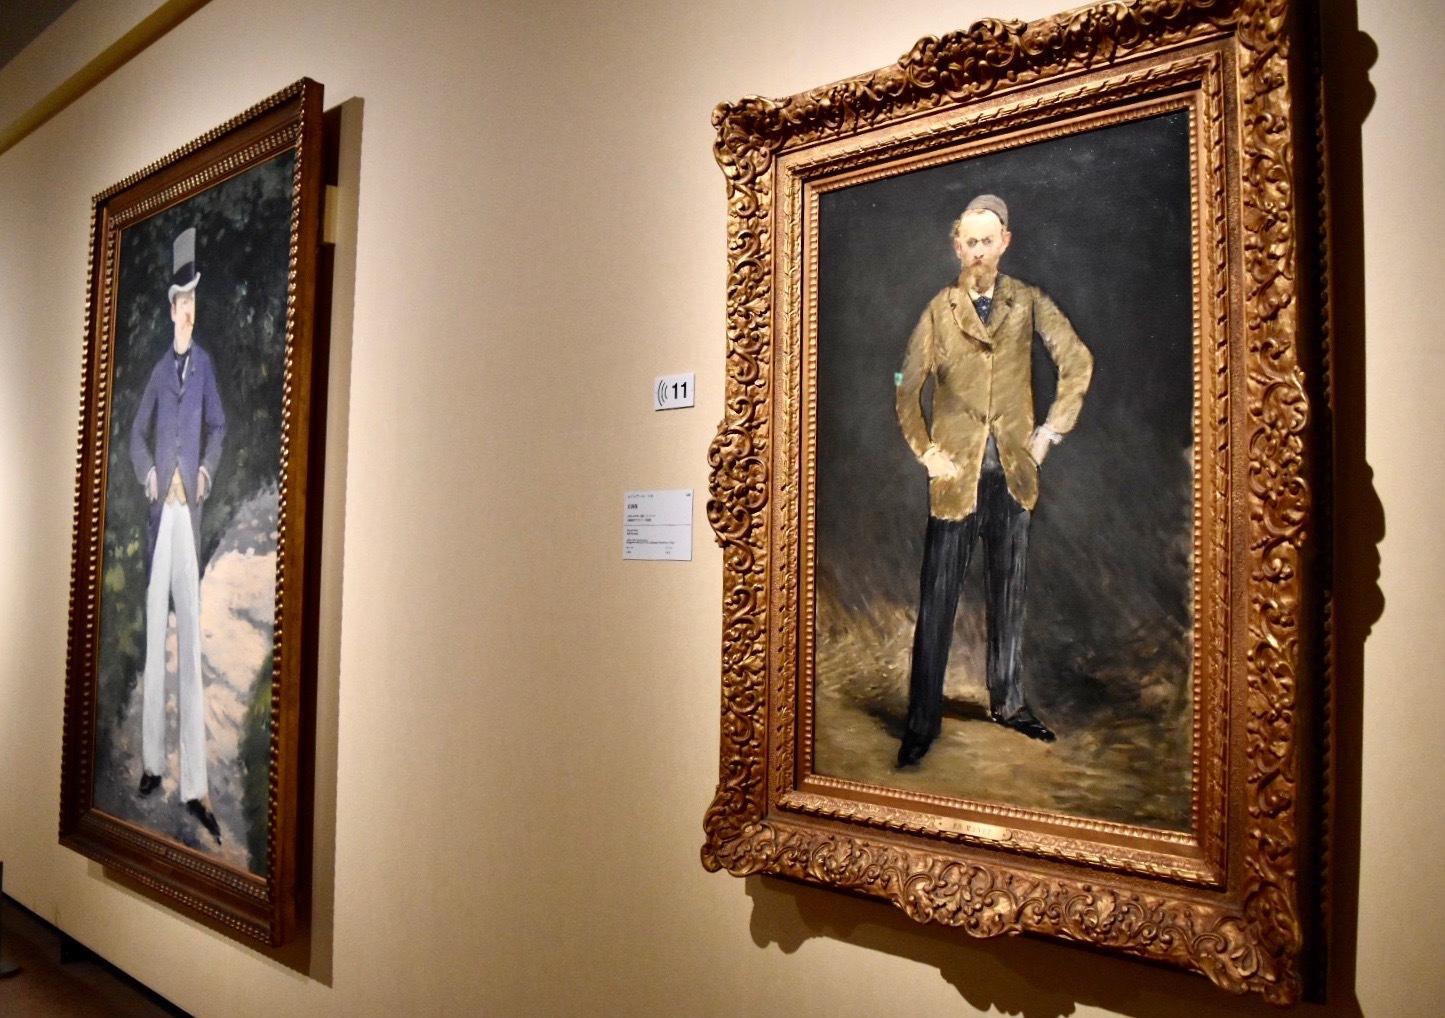 右:エドゥアール・マネ 《自画像》 1878-1879年 石橋財団ブリヂストン美術館/石橋財団アーティゾン美術館蔵 左奥:エドゥアール・マネ 《ブラン氏の肖像》 1879年頃 国立西洋美術館蔵(松方幸次郎氏御遺族より寄贈)